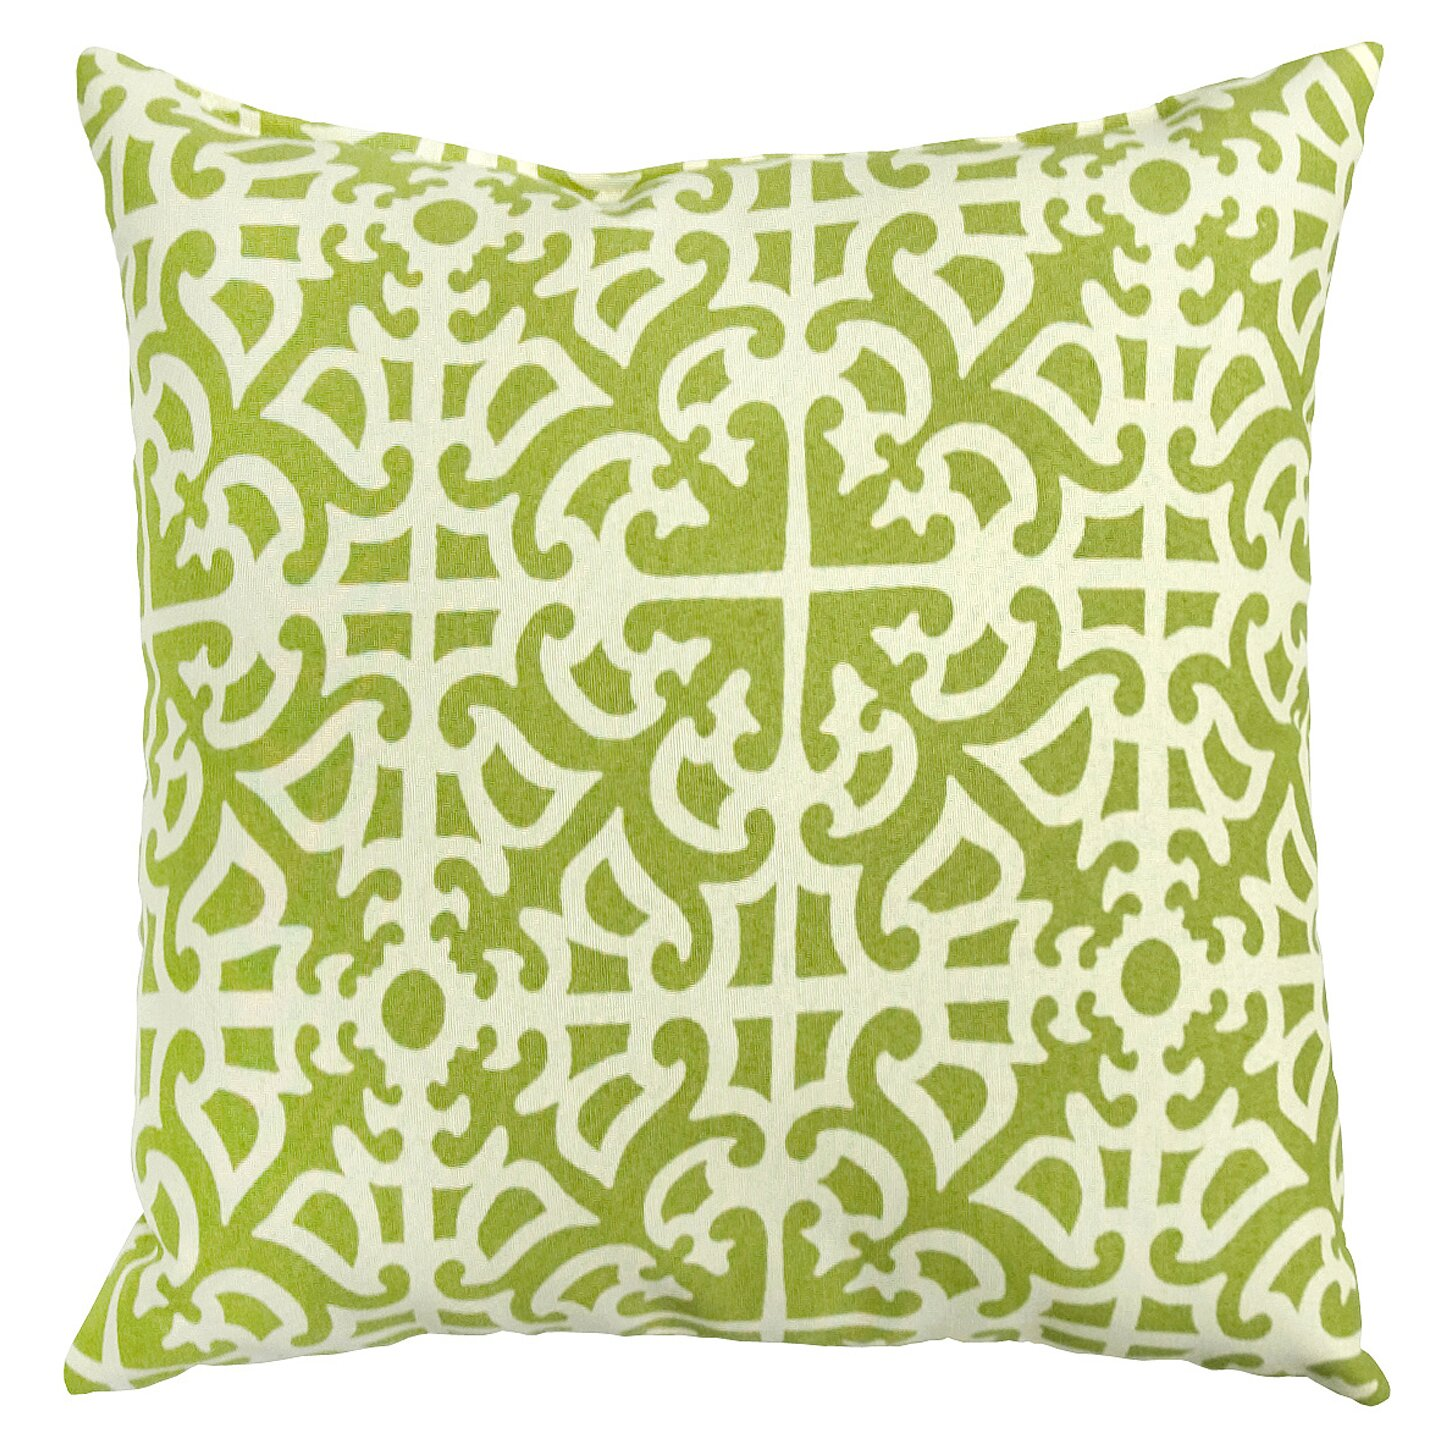 Wayfair Green Throw Pillows : Alcott Hill Carrollton Throw Pillow & Reviews Wayfair